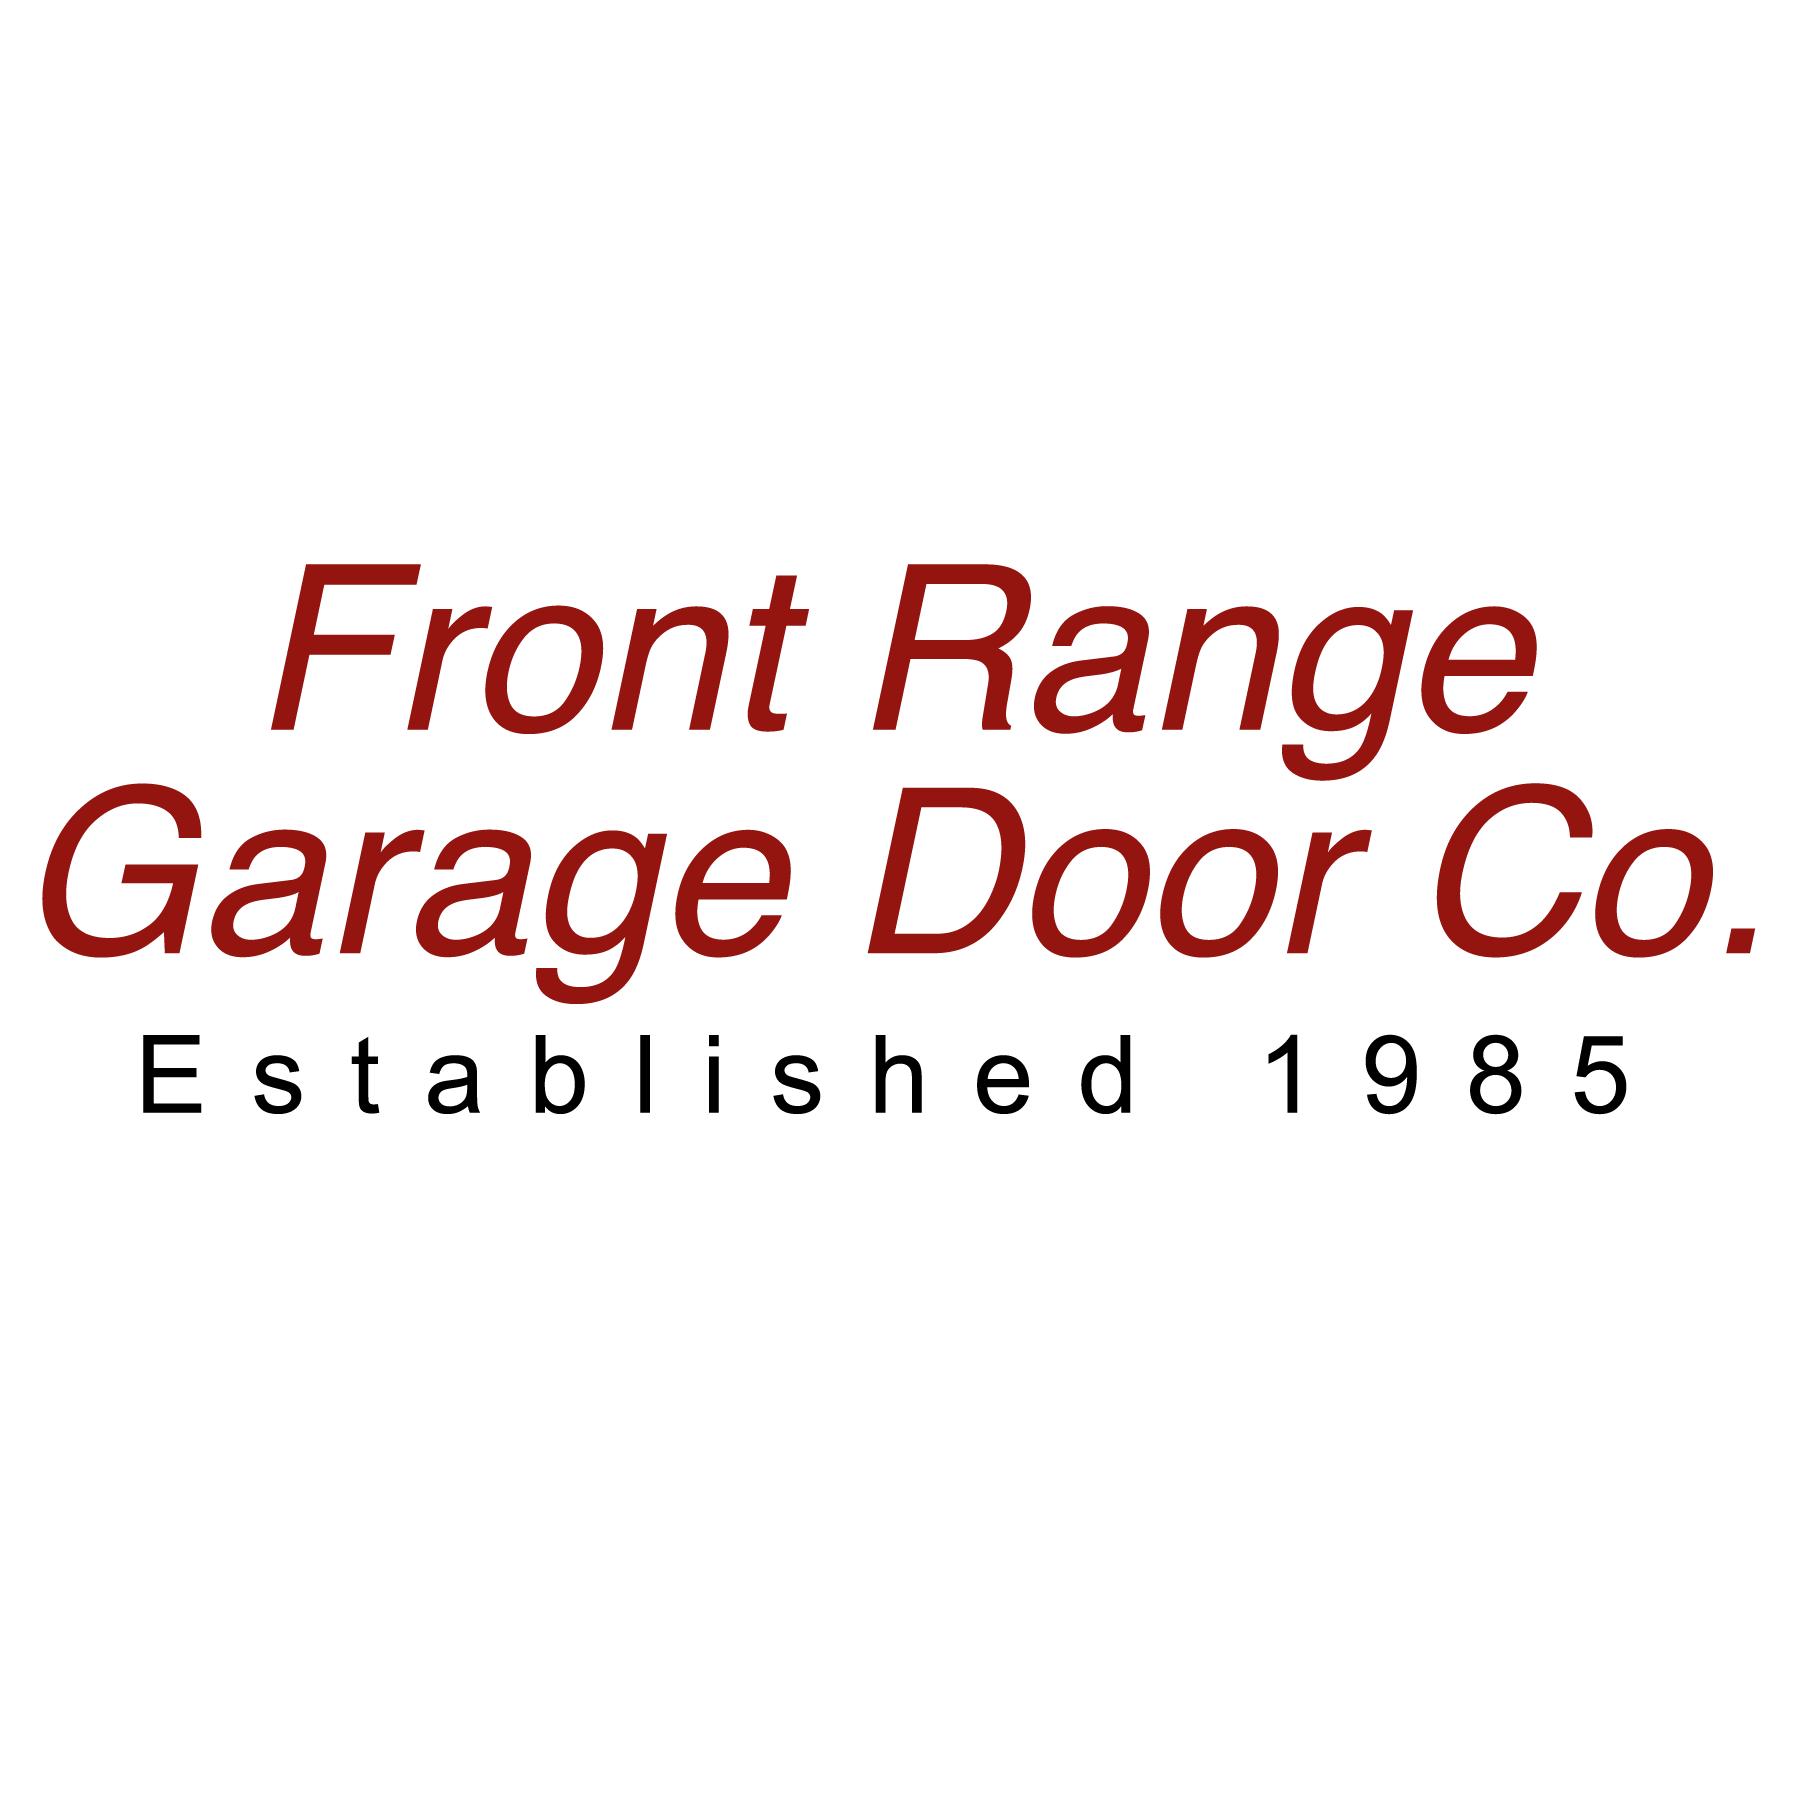 Front Range Garage Door Co. - Lafayette, CO - Windows & Door Contractors